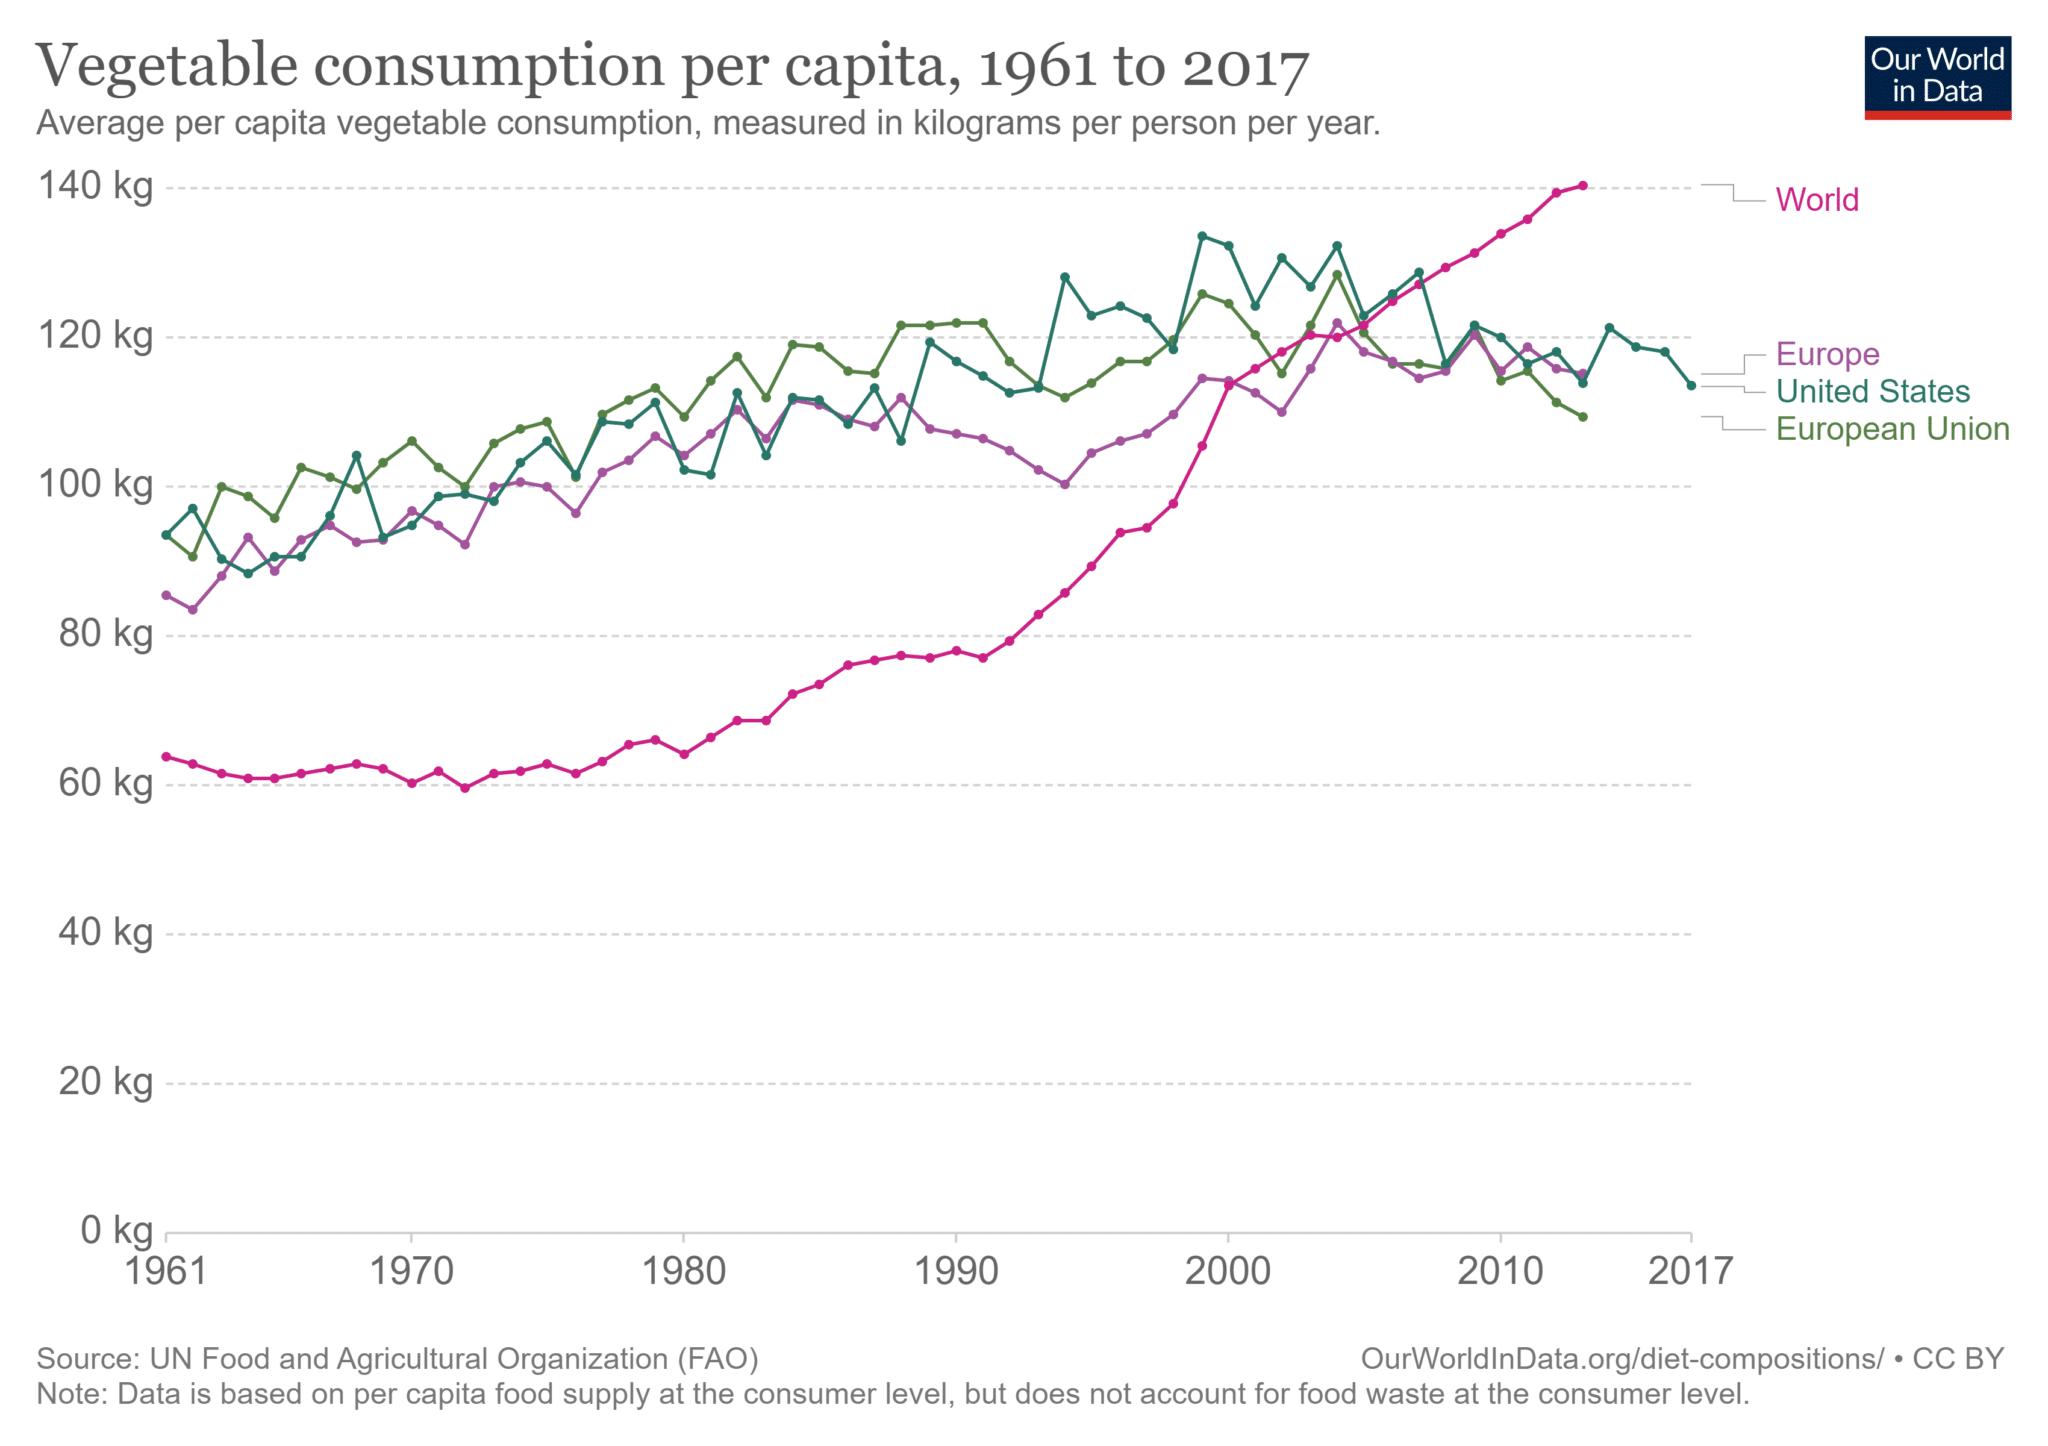 Confronto del consumo pro capite di vegetali tra Europa, UE, Stati Uniti e Mondo